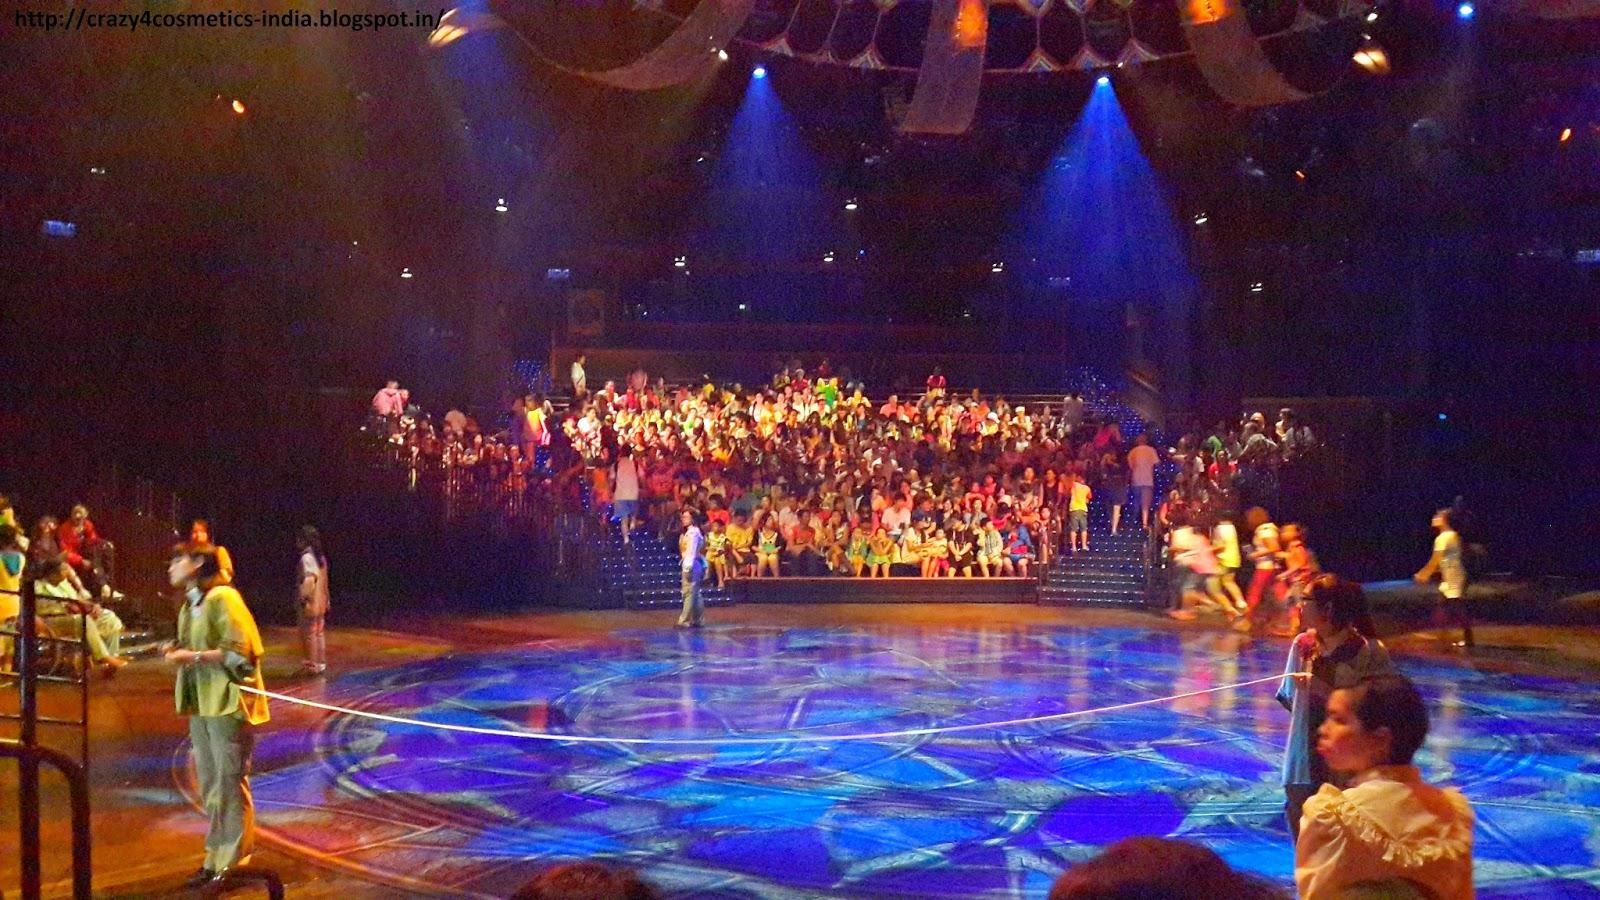 Hongkong Disneyland Lion King Show- Hongkong Disneyland Show Timings